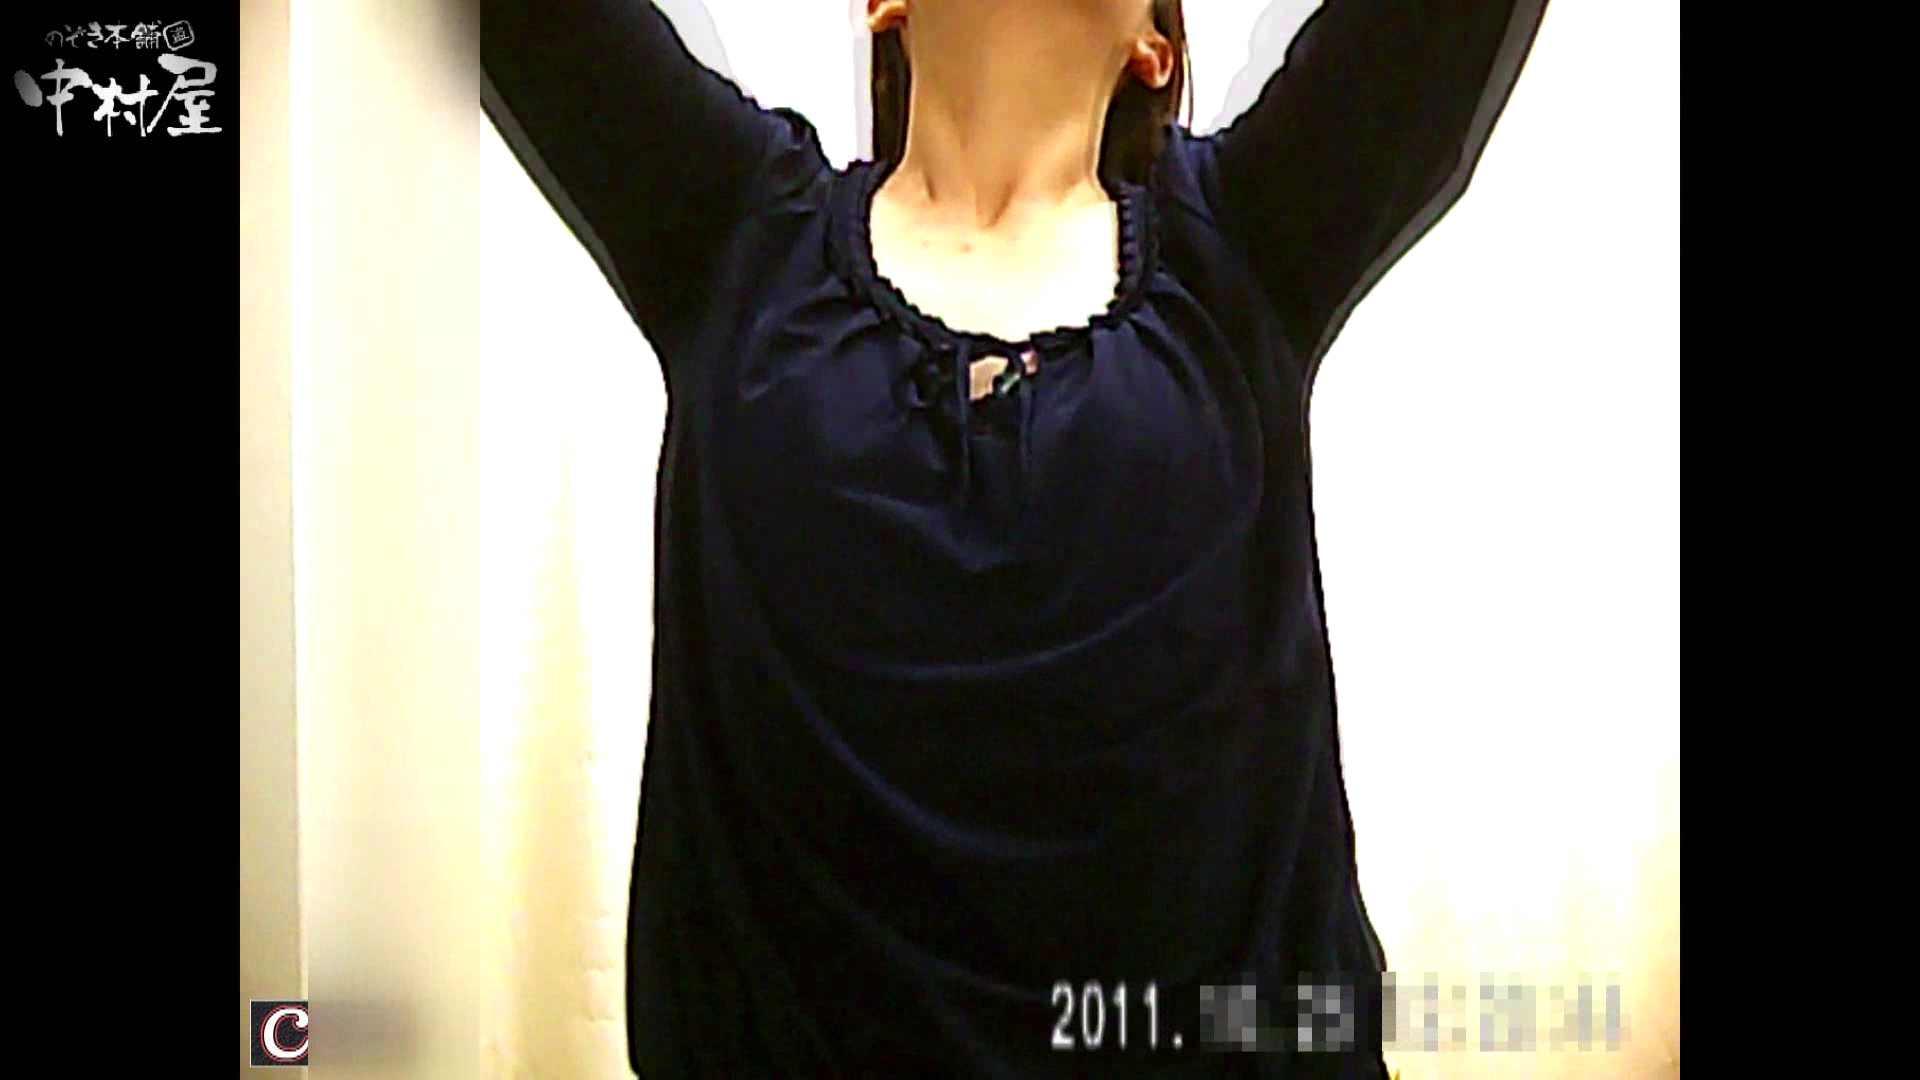 激ヤバ健康診断!着替えの一部始終.vol.71※本編ボカシ・目線無し ナースのエロ動画 オメコ無修正動画無料 93PIX 79